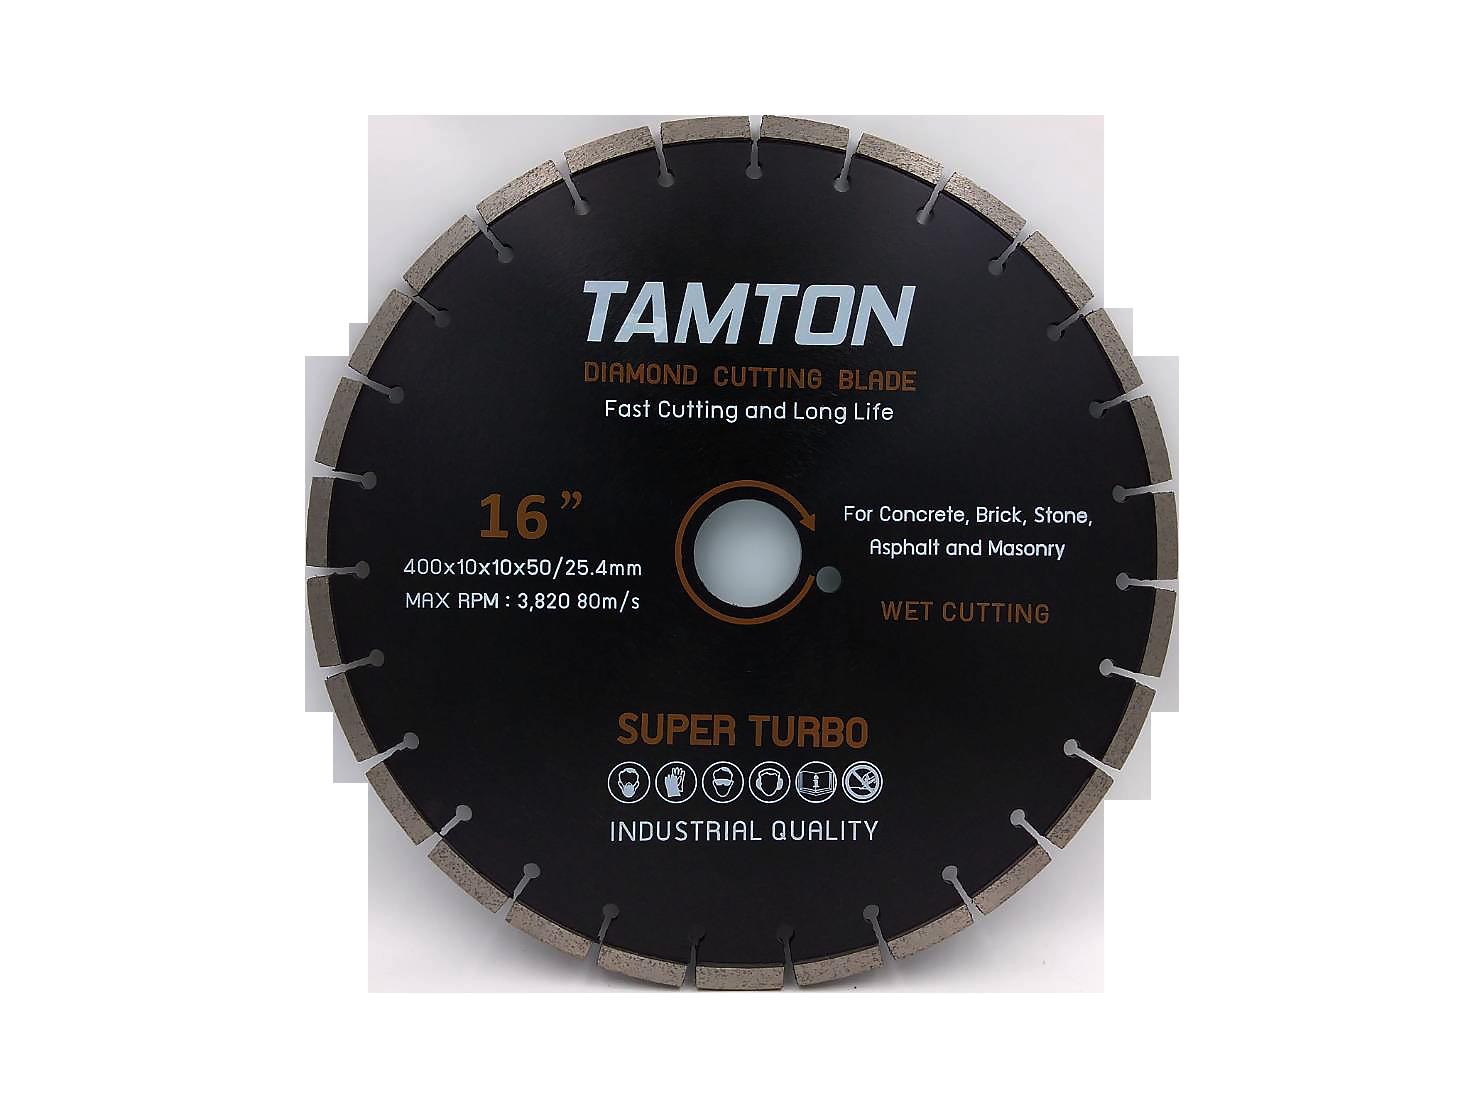 """ใบเพชรตัดคอนกรีต TAMTON 16"""" หนา 10 mm"""